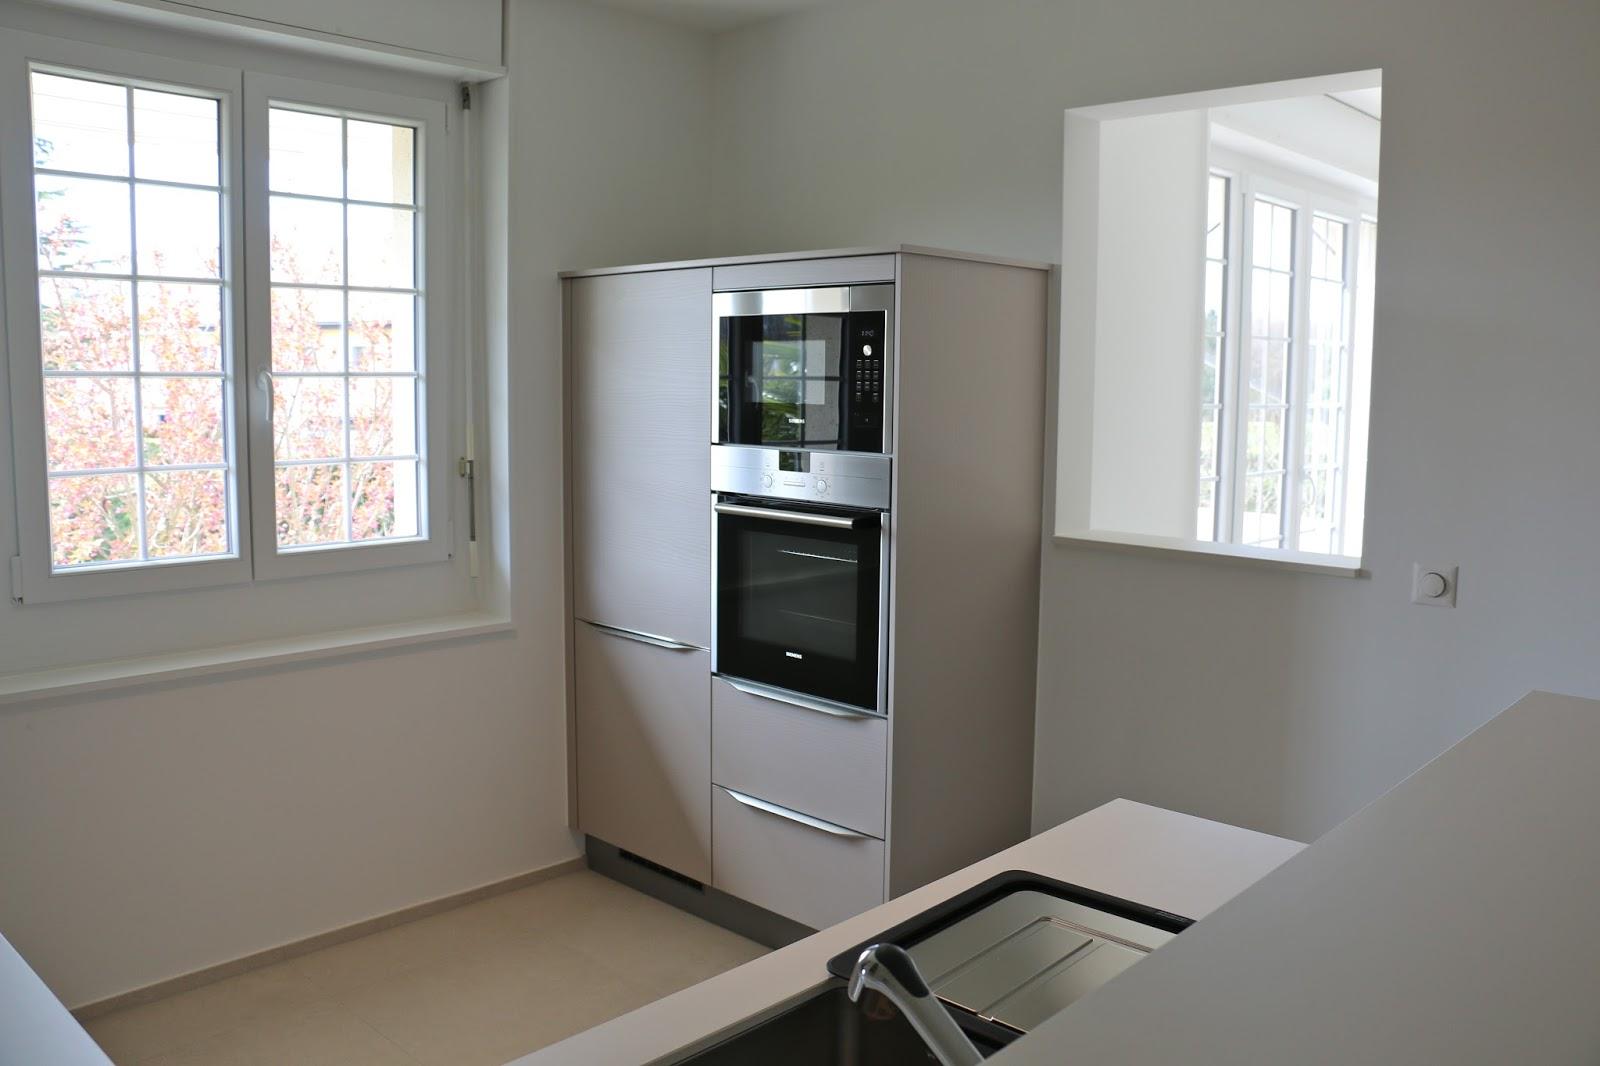 Fenêtre aluminium : la qualité et l'esthétisme